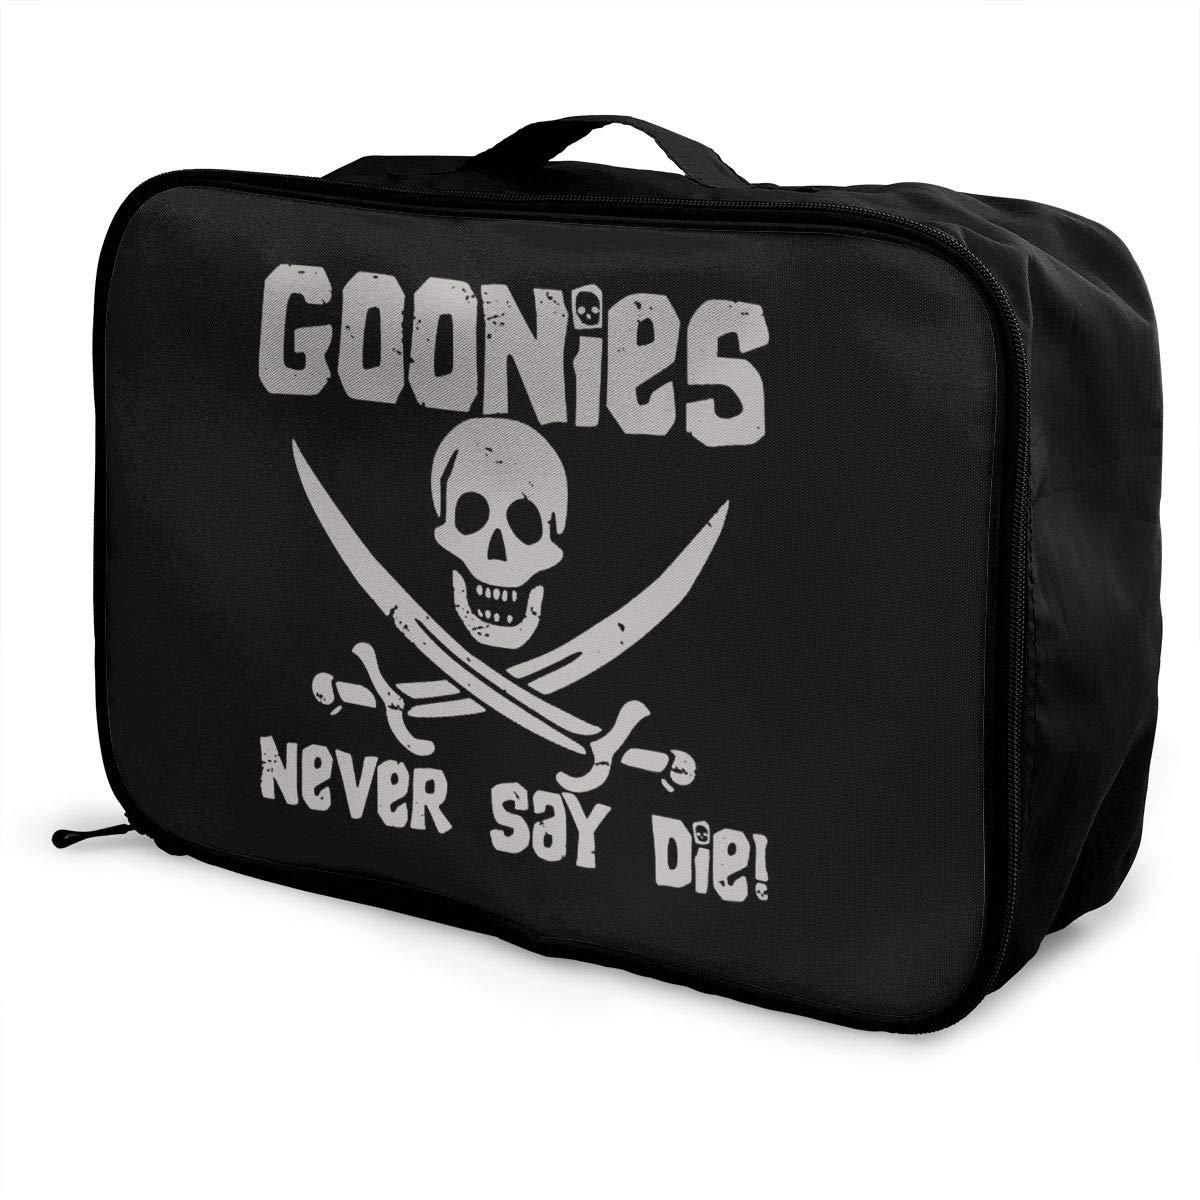 Fretlo Goonies-Never-Say-Die Travel Duffel Bag Waterproof Lightweight Large Capacity Portable Luggage Bag Black